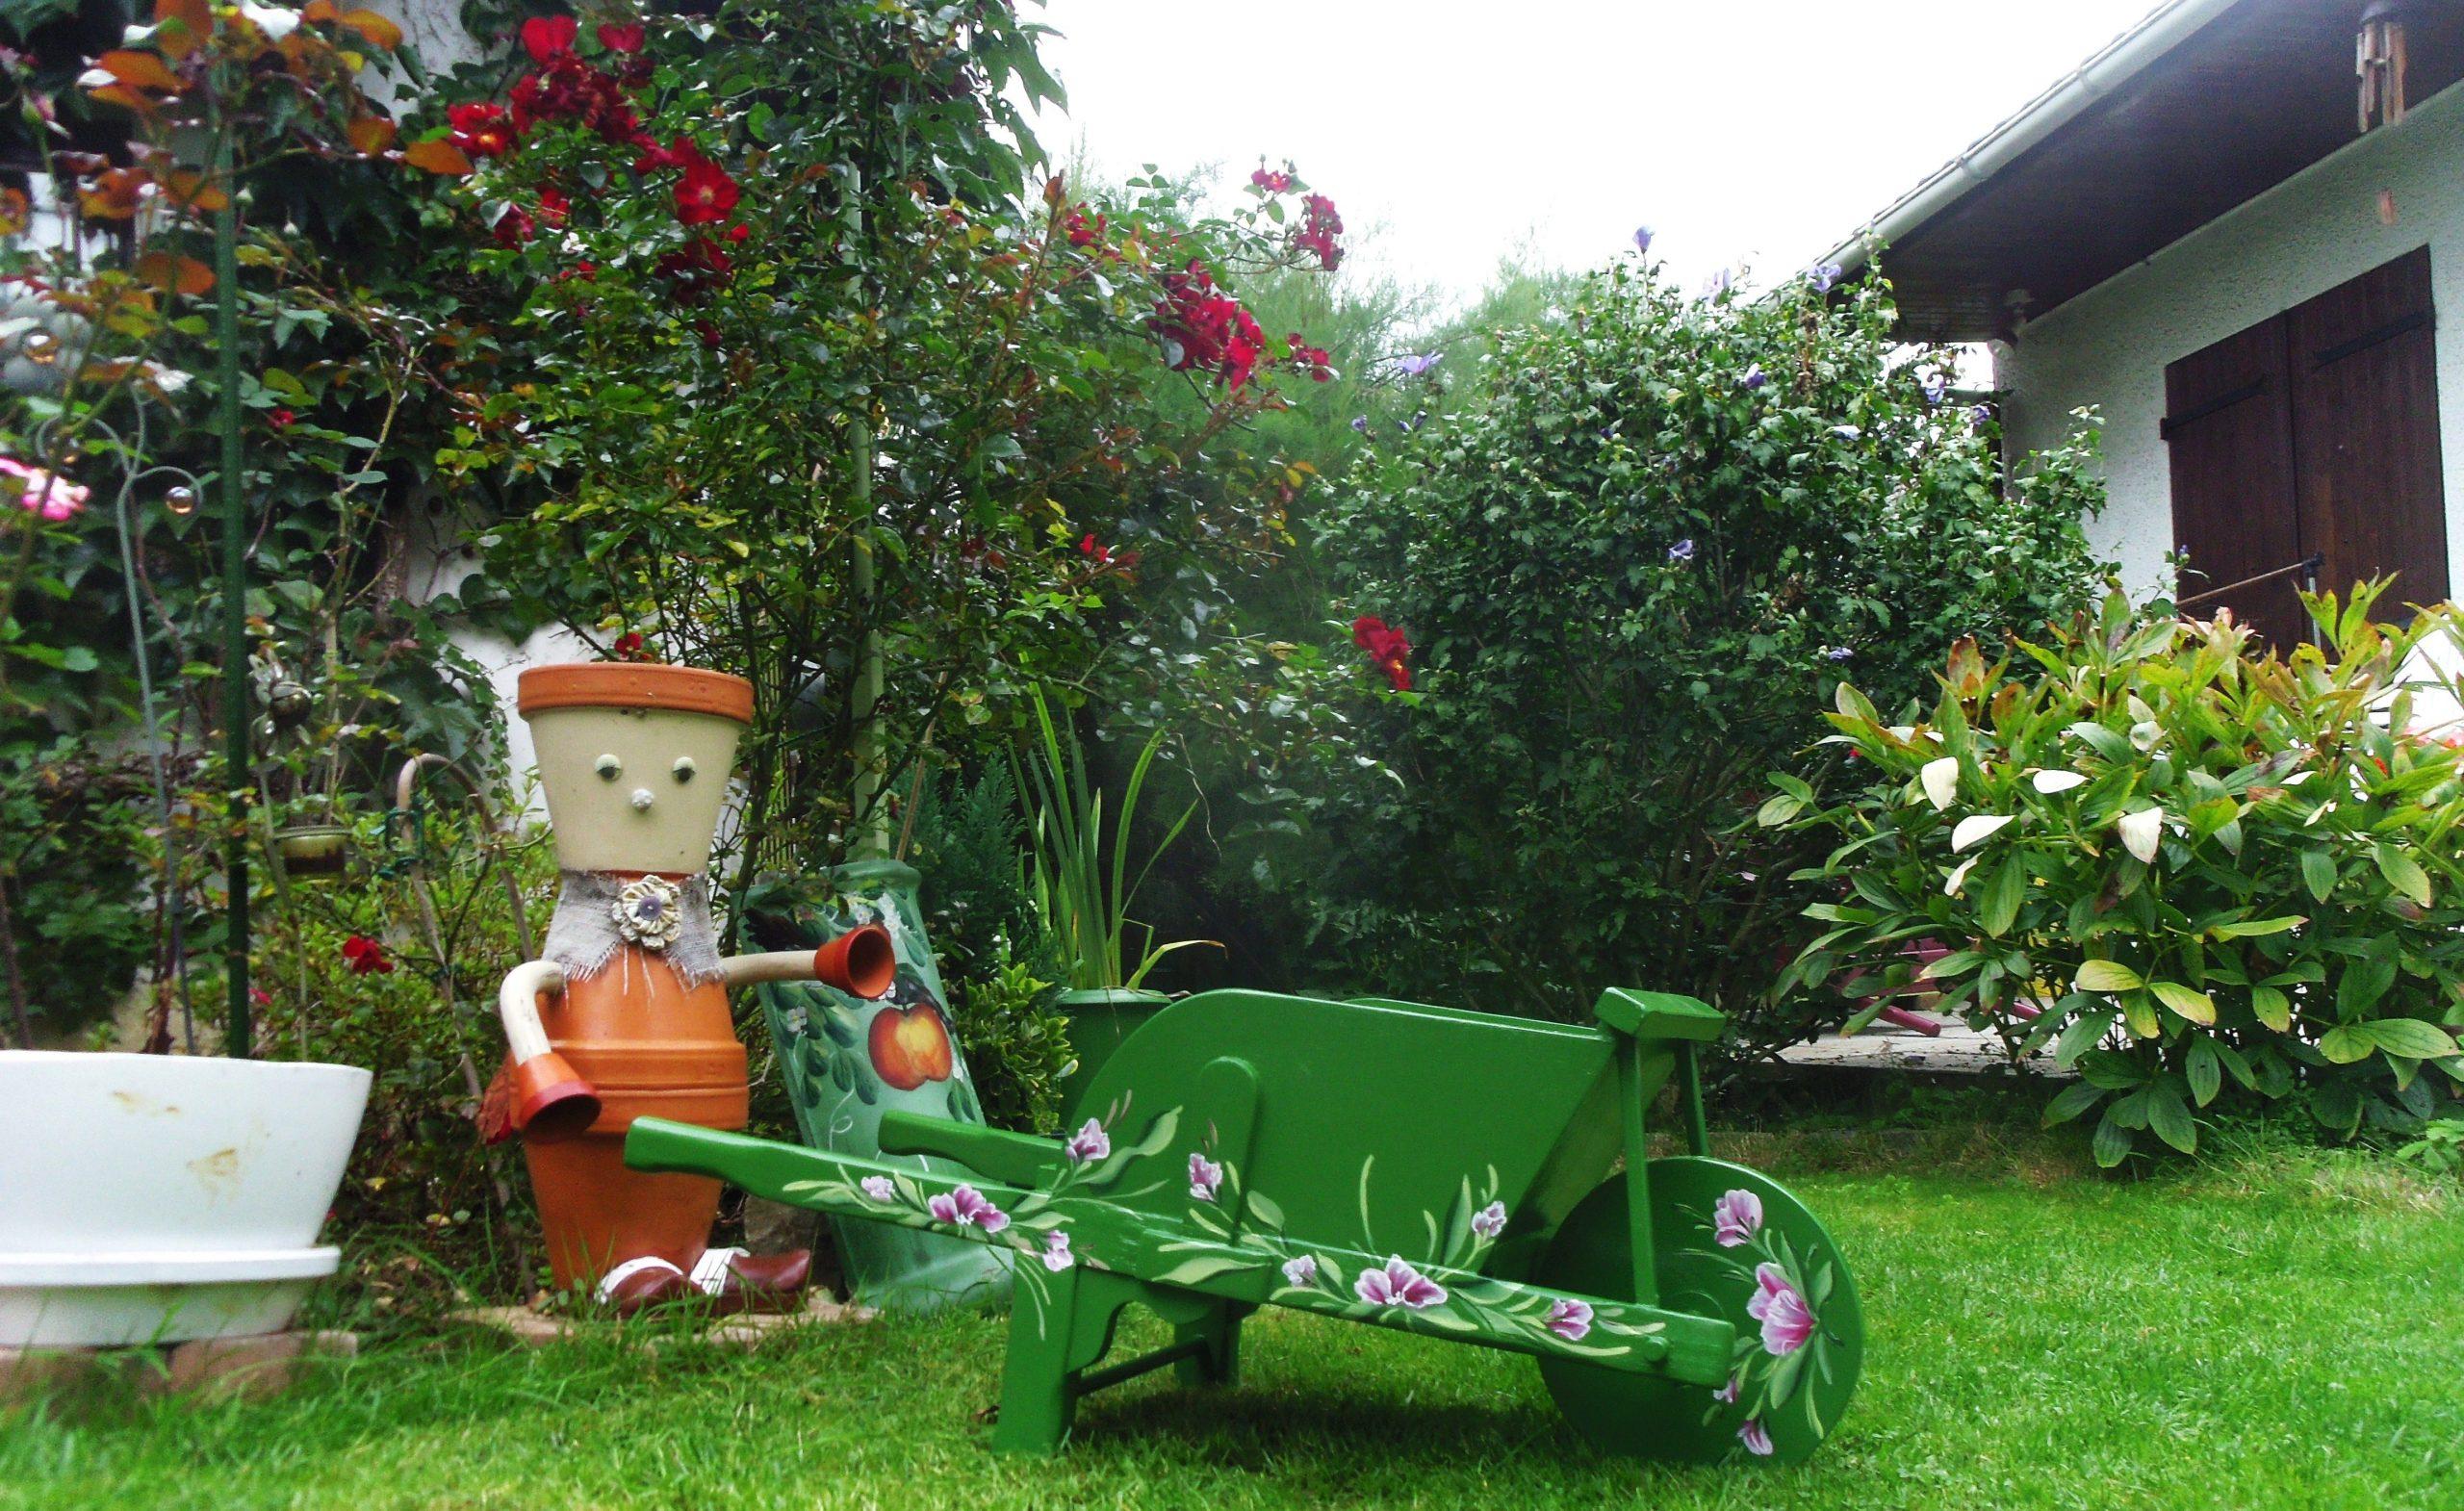 Brouette Décorative Pour Le Jardin Ou La Maison Peinte À La ... tout Brouette Deco Jardin